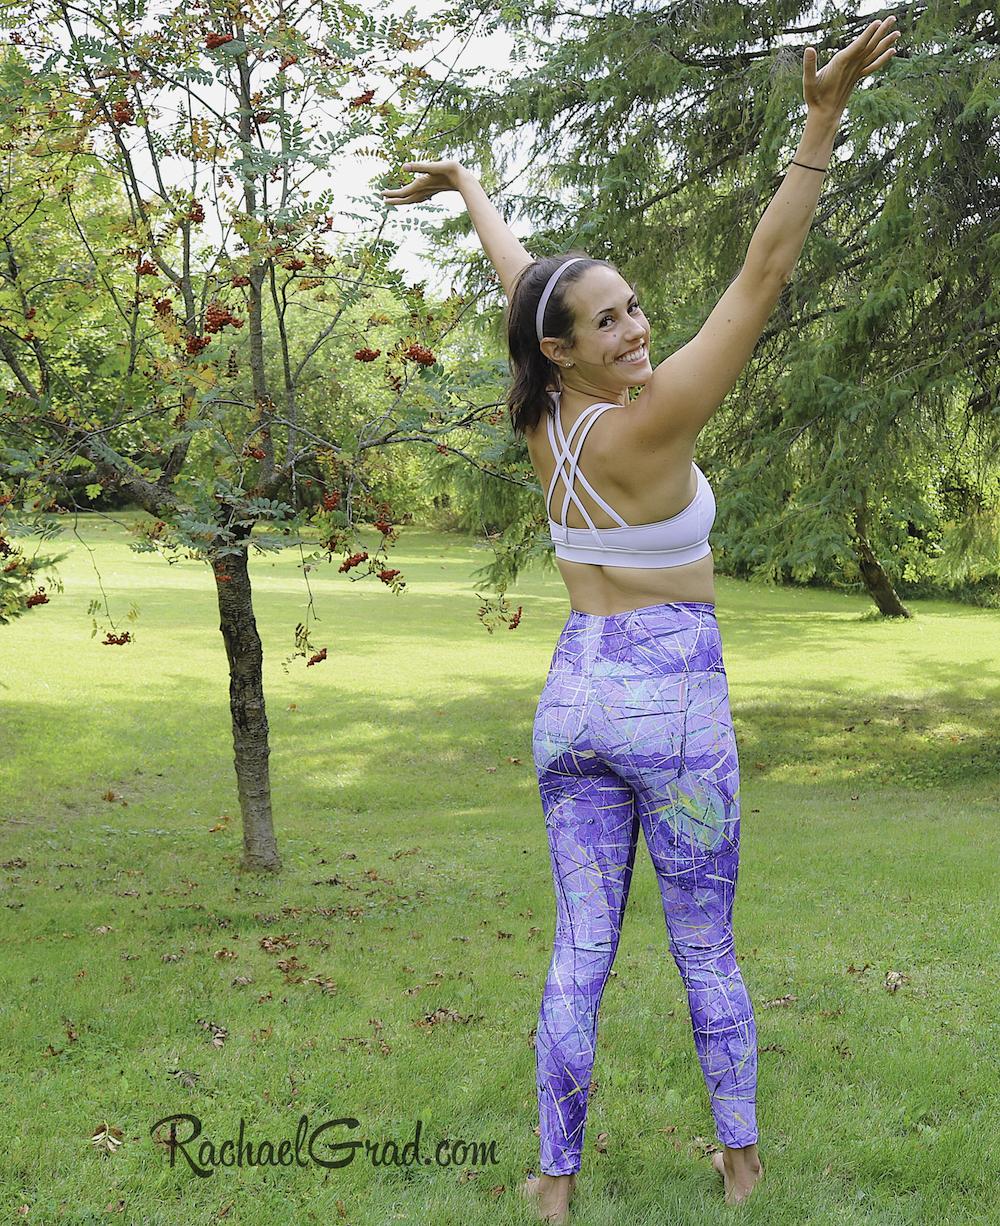 Purple Art Leggings by Artist Rachael Grad